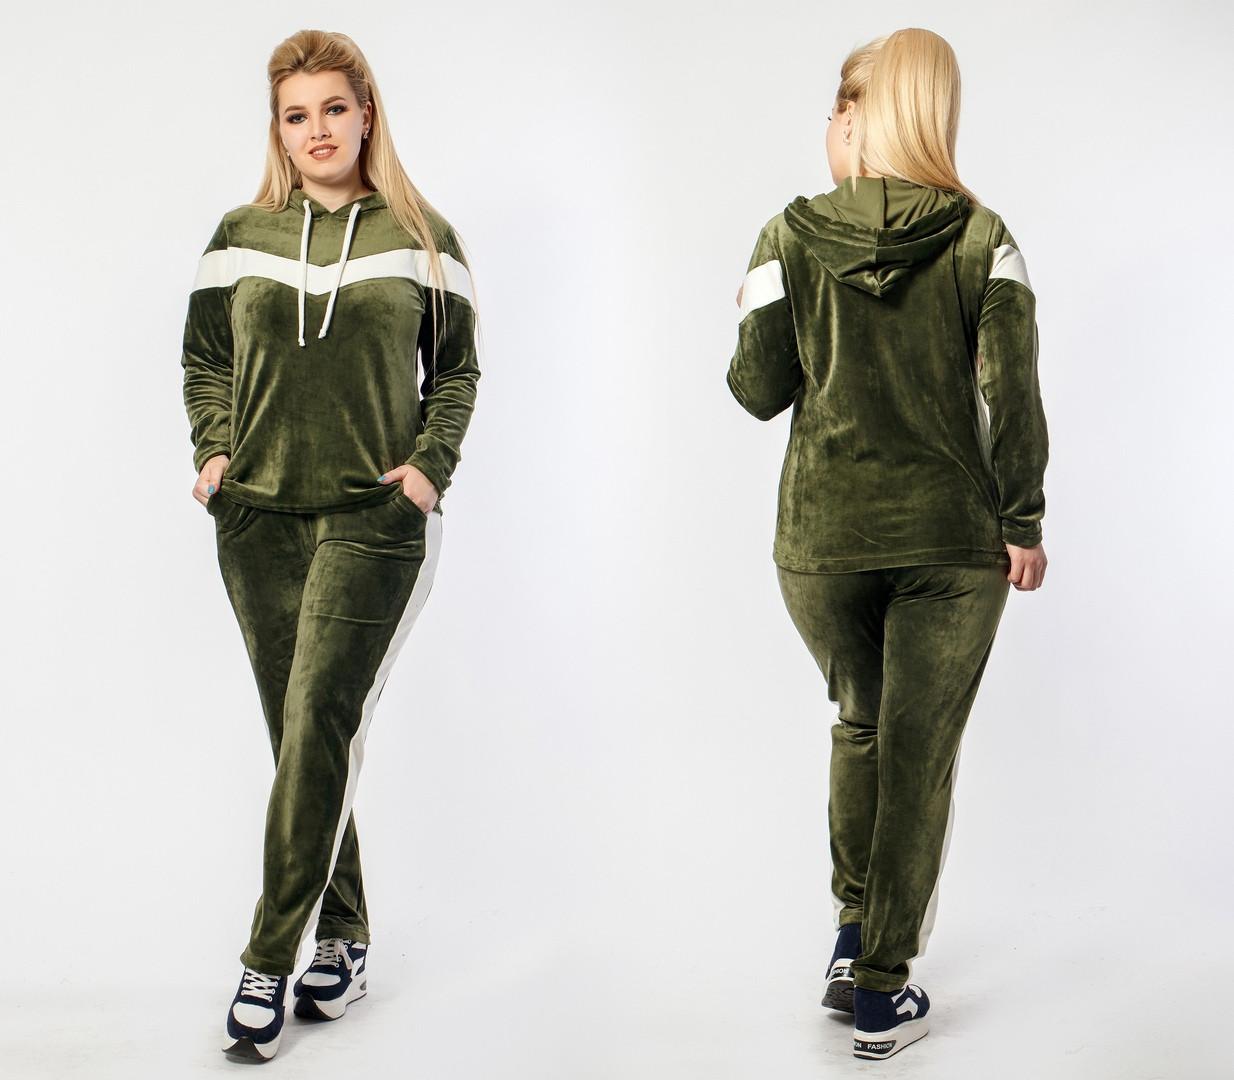 96da75d3 ... 54 Женский спортивный костюм велюр плюшевый с лампасами Размеры: 48,  50-52, 54